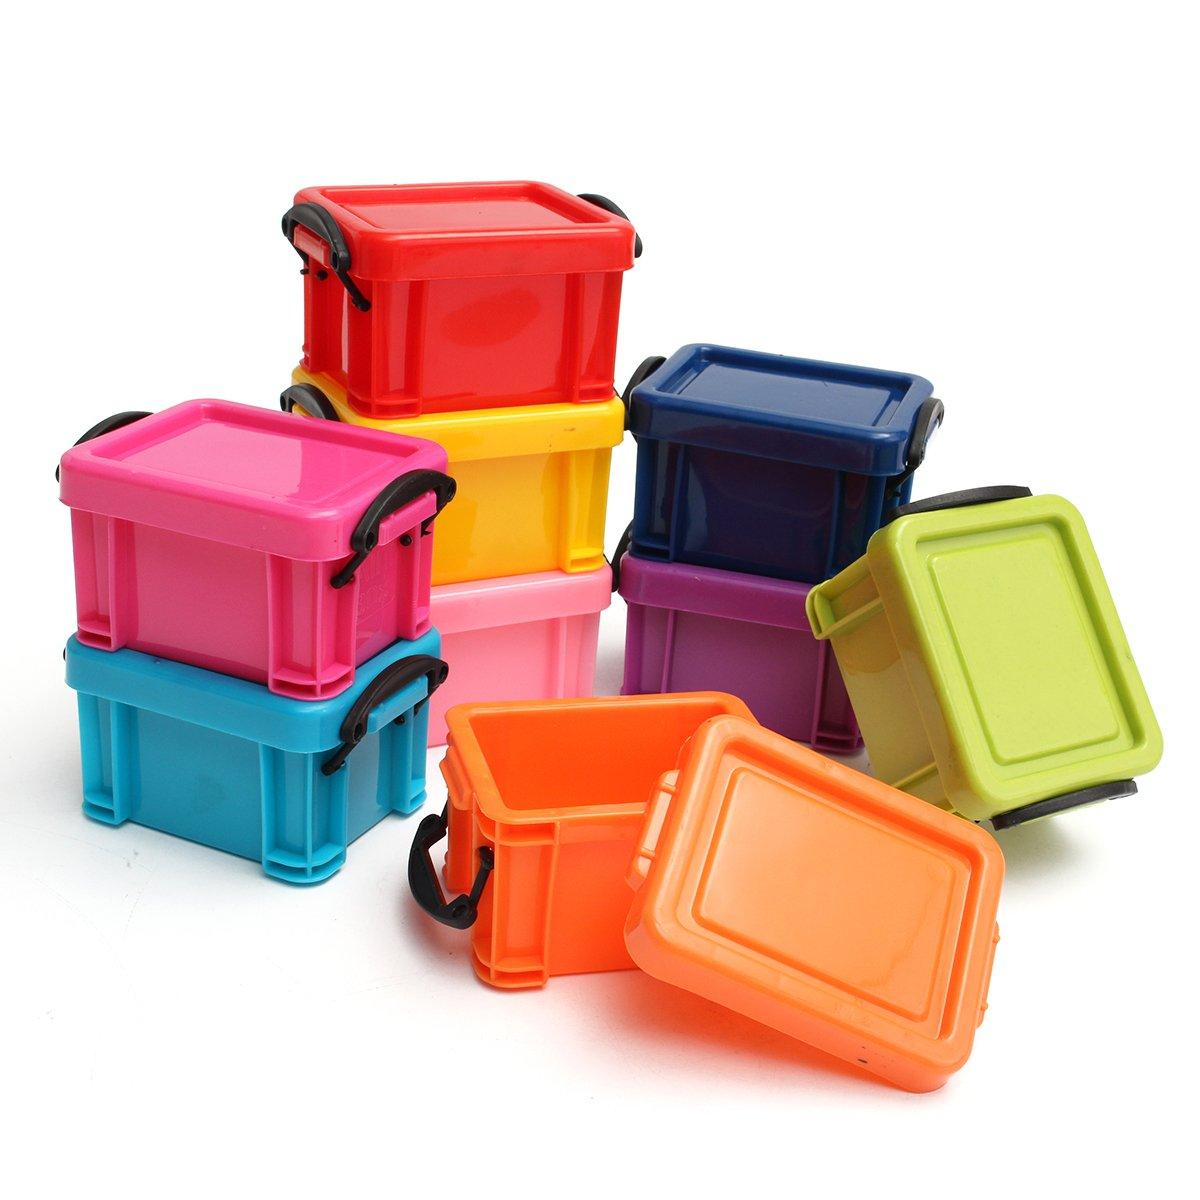 QOJA 9pcs mini multicolored storage boxes management plastic container